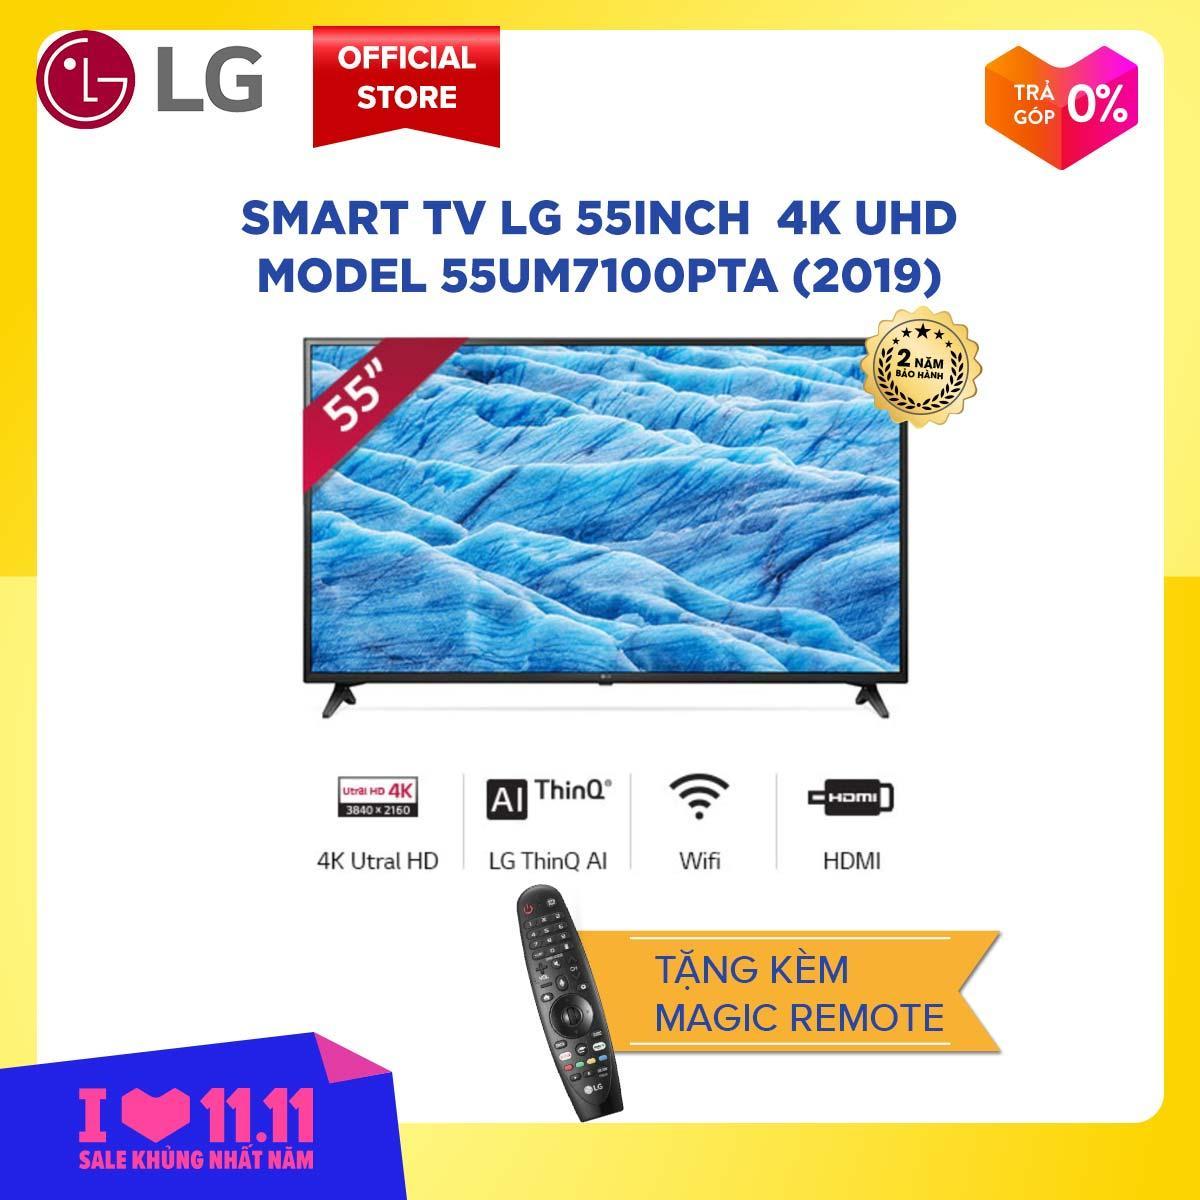 [11.11 - Tặng kèm MAGIC REMOTE] Smart TV LG 55inch 4K UHD - Model 55UM7100PTA (2019) độ phân giải 3840x2160, hệ điều hành webOS 4.0, trí tuệ nhân tạo AI  - Hãng phân phối chính thức